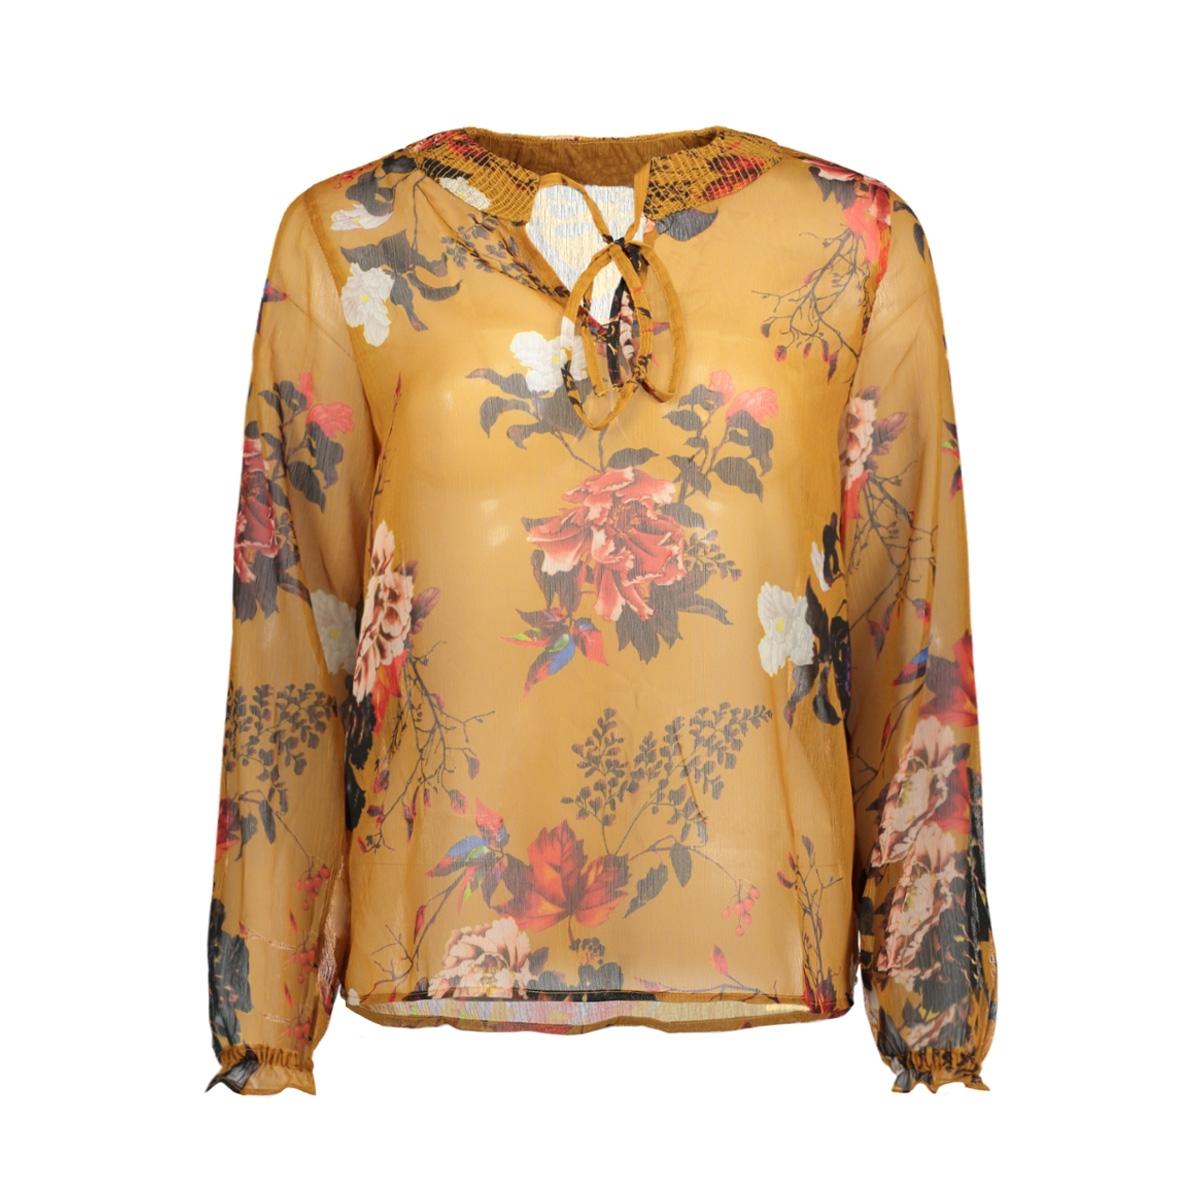 onloda l/s aop top wvn 15146444 only blouse chai tea/cosy botan